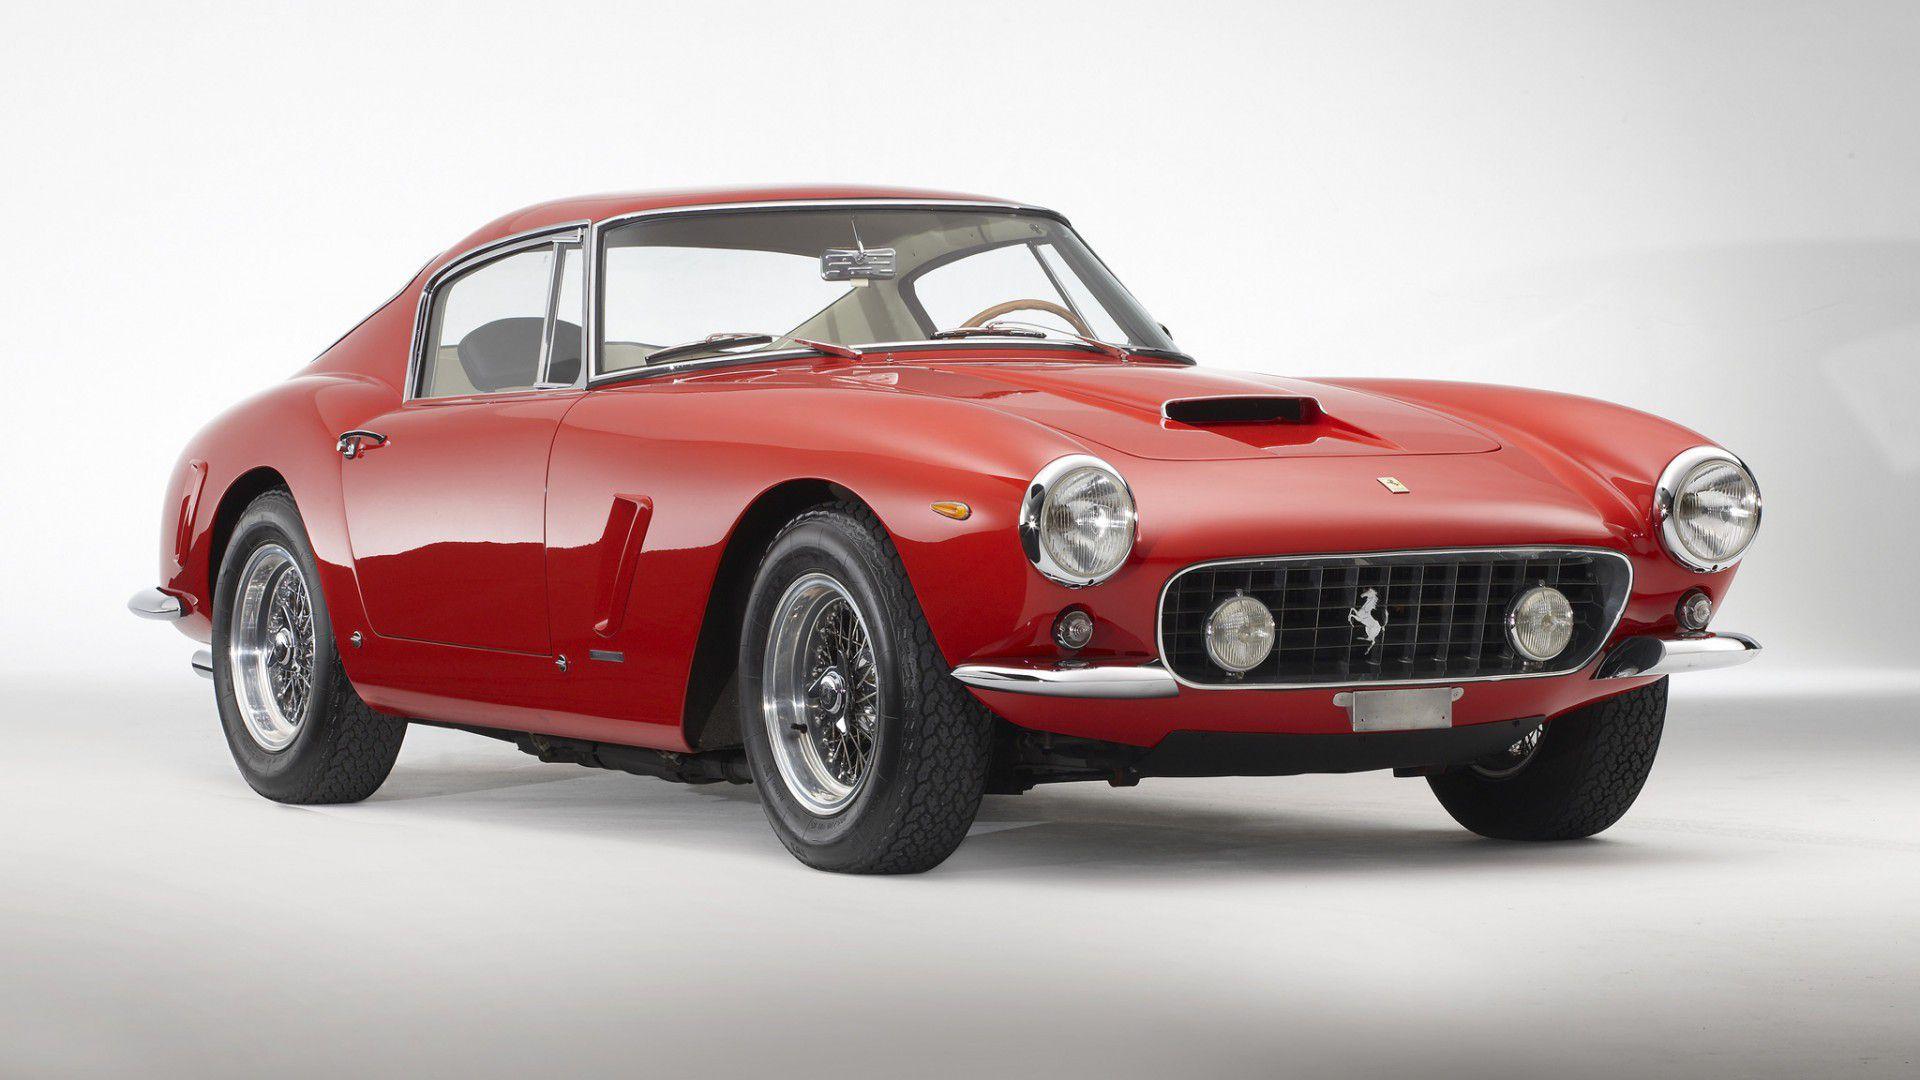 Ferrari 250 GT Berlinetta/Cabriolet/California Spider/SWB